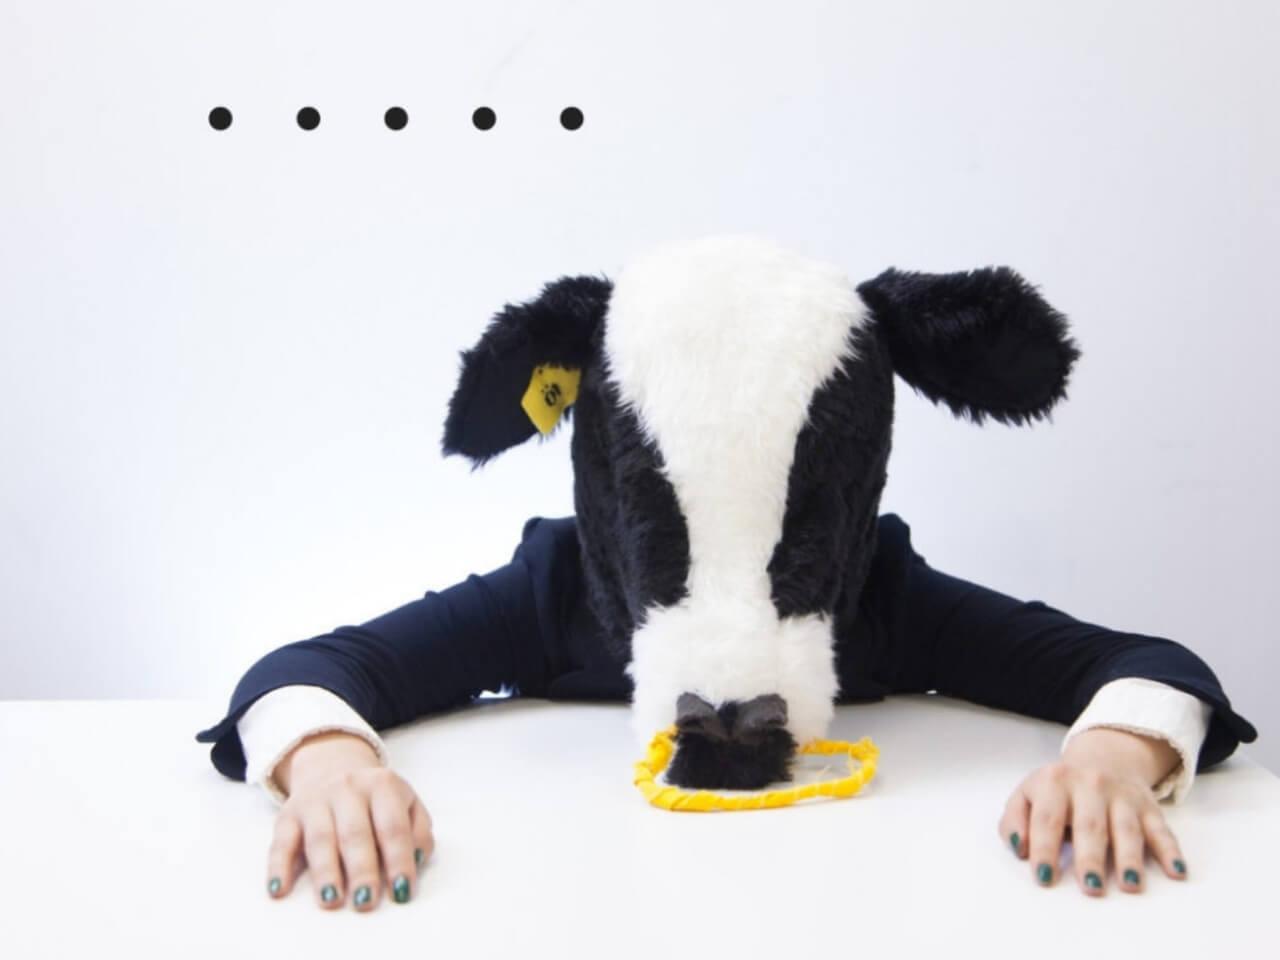 ぐったりと疲れた牛のマスクをかぶった女性